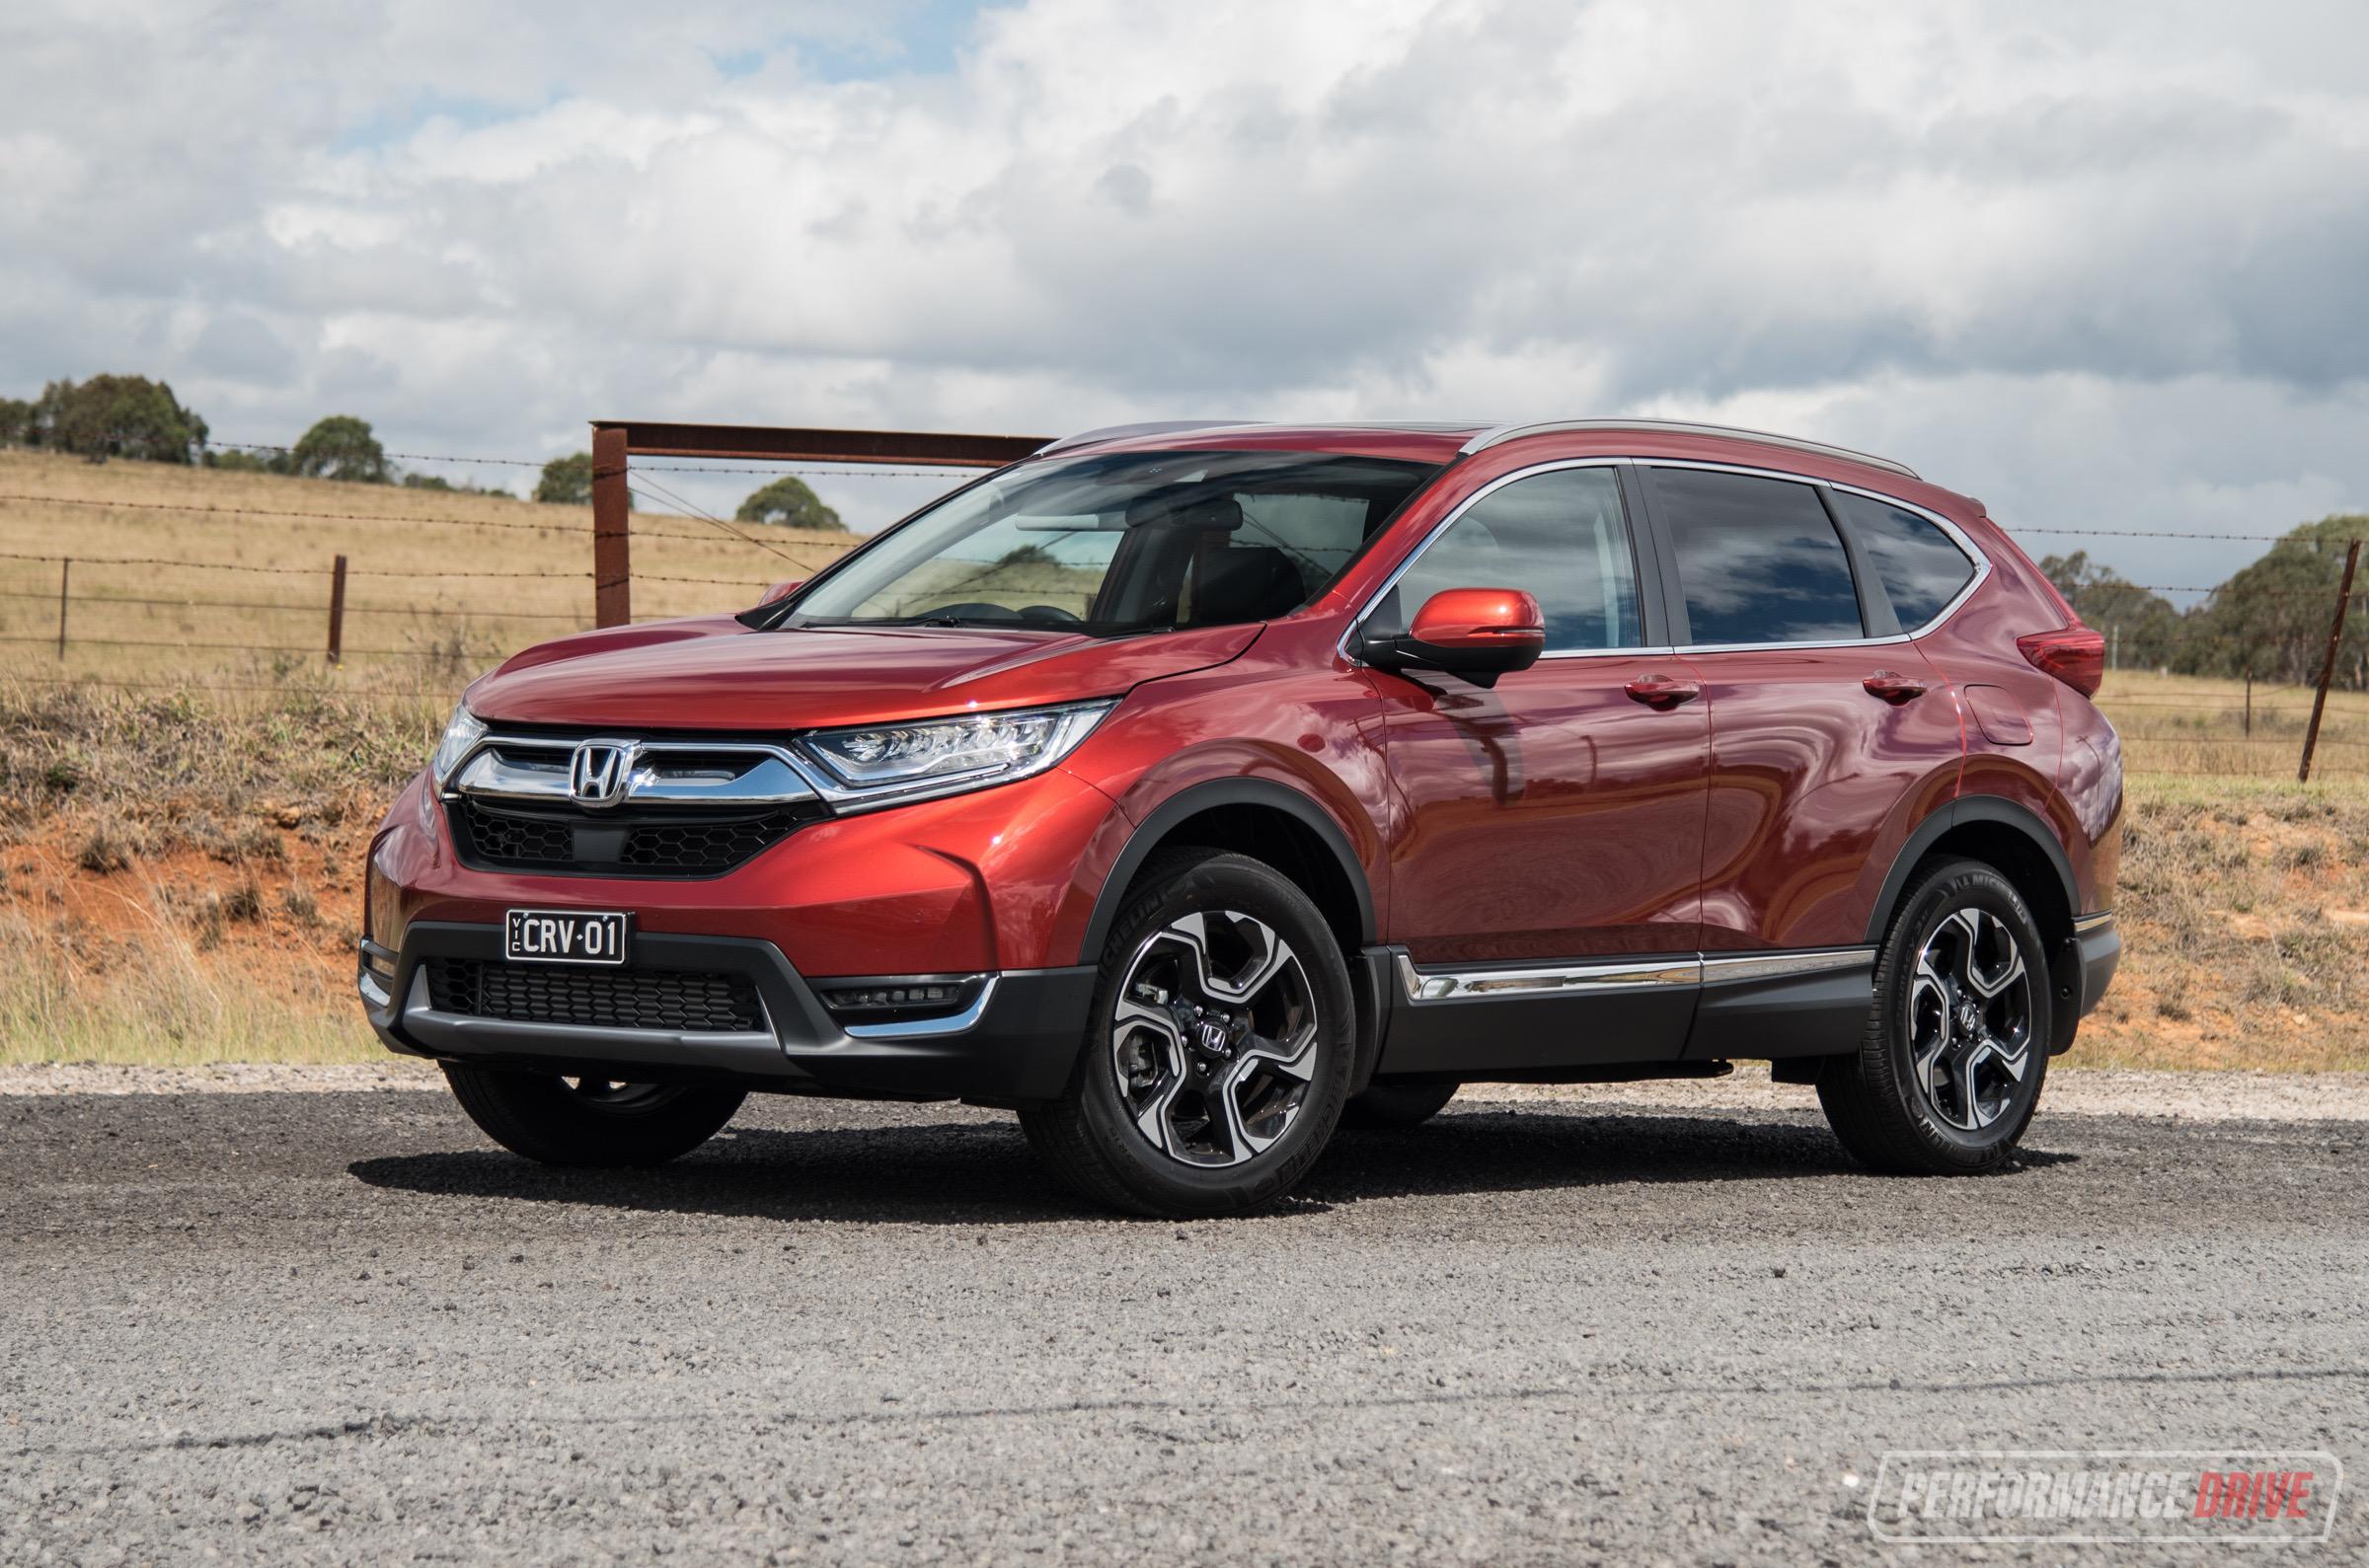 2018 Honda CR-V review – VTi-L & VTi-LX (video)